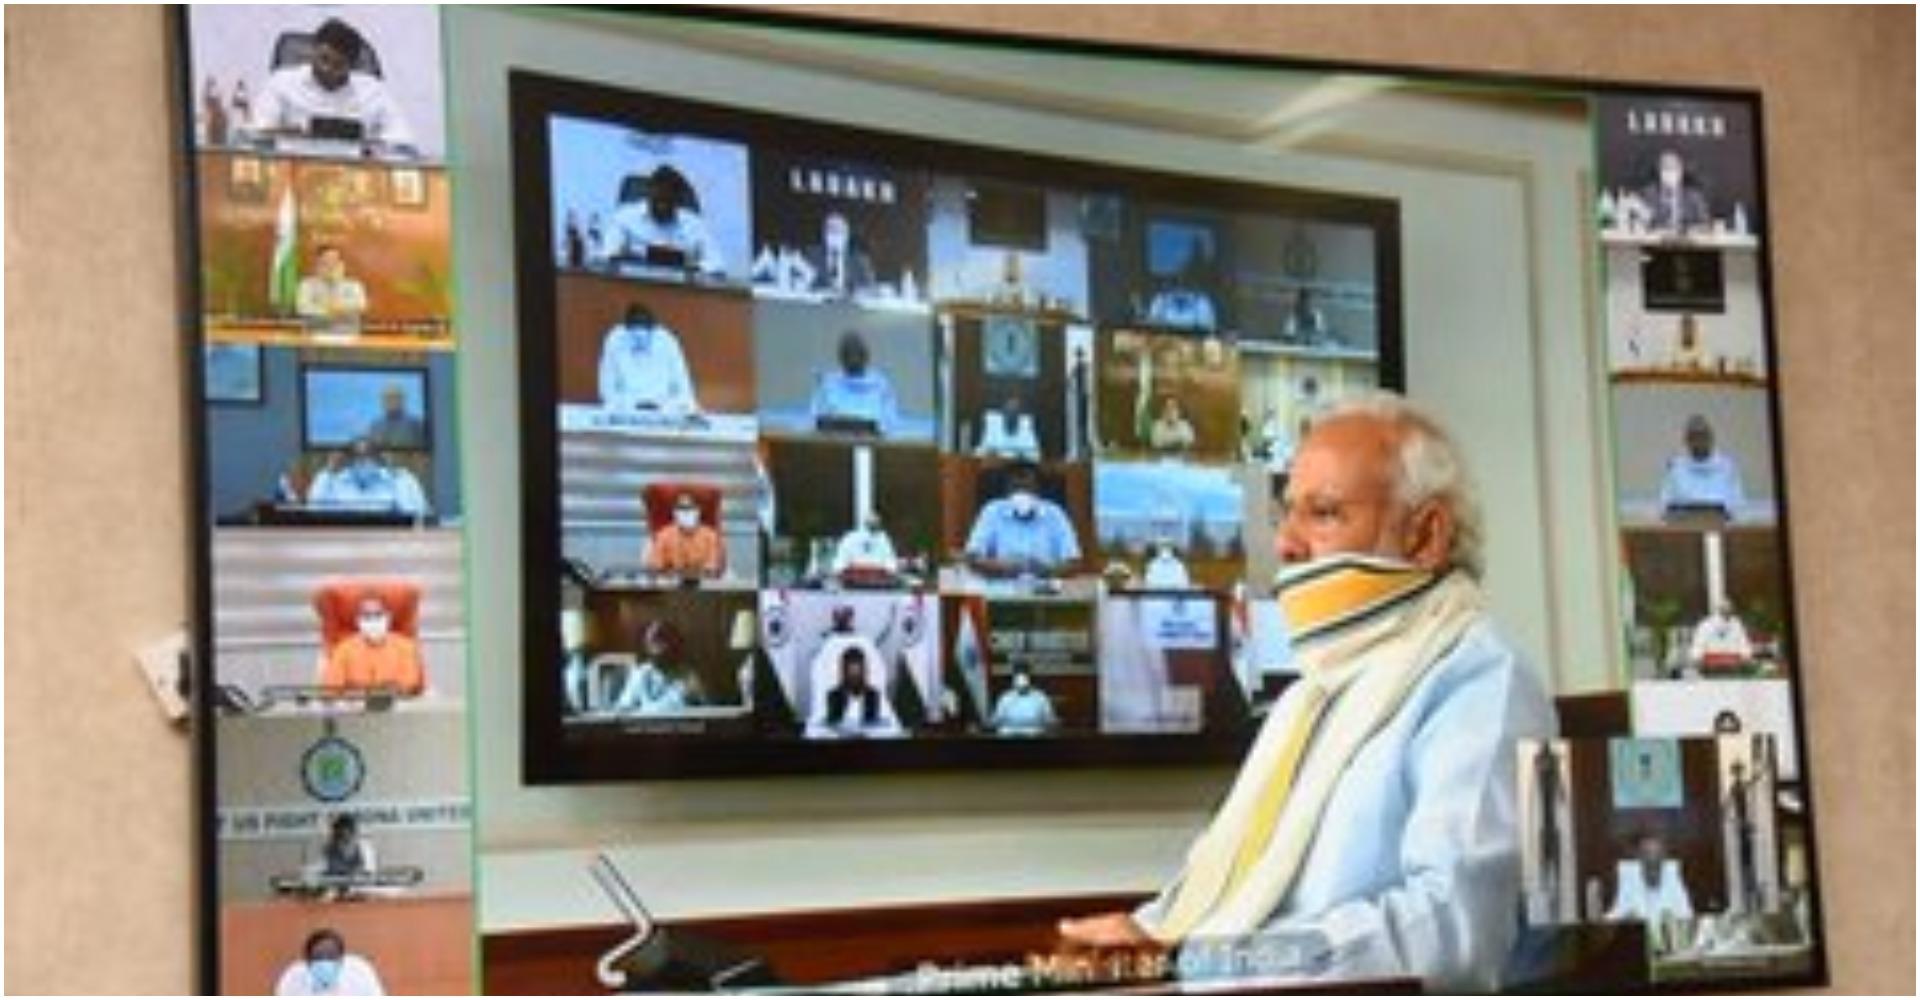 Lockdown End? पीएम मोदी के साथ मुख्यमंत्रियों की बैठक, कहा-आर्थिक गतिविधियां बढ़ानी होगी